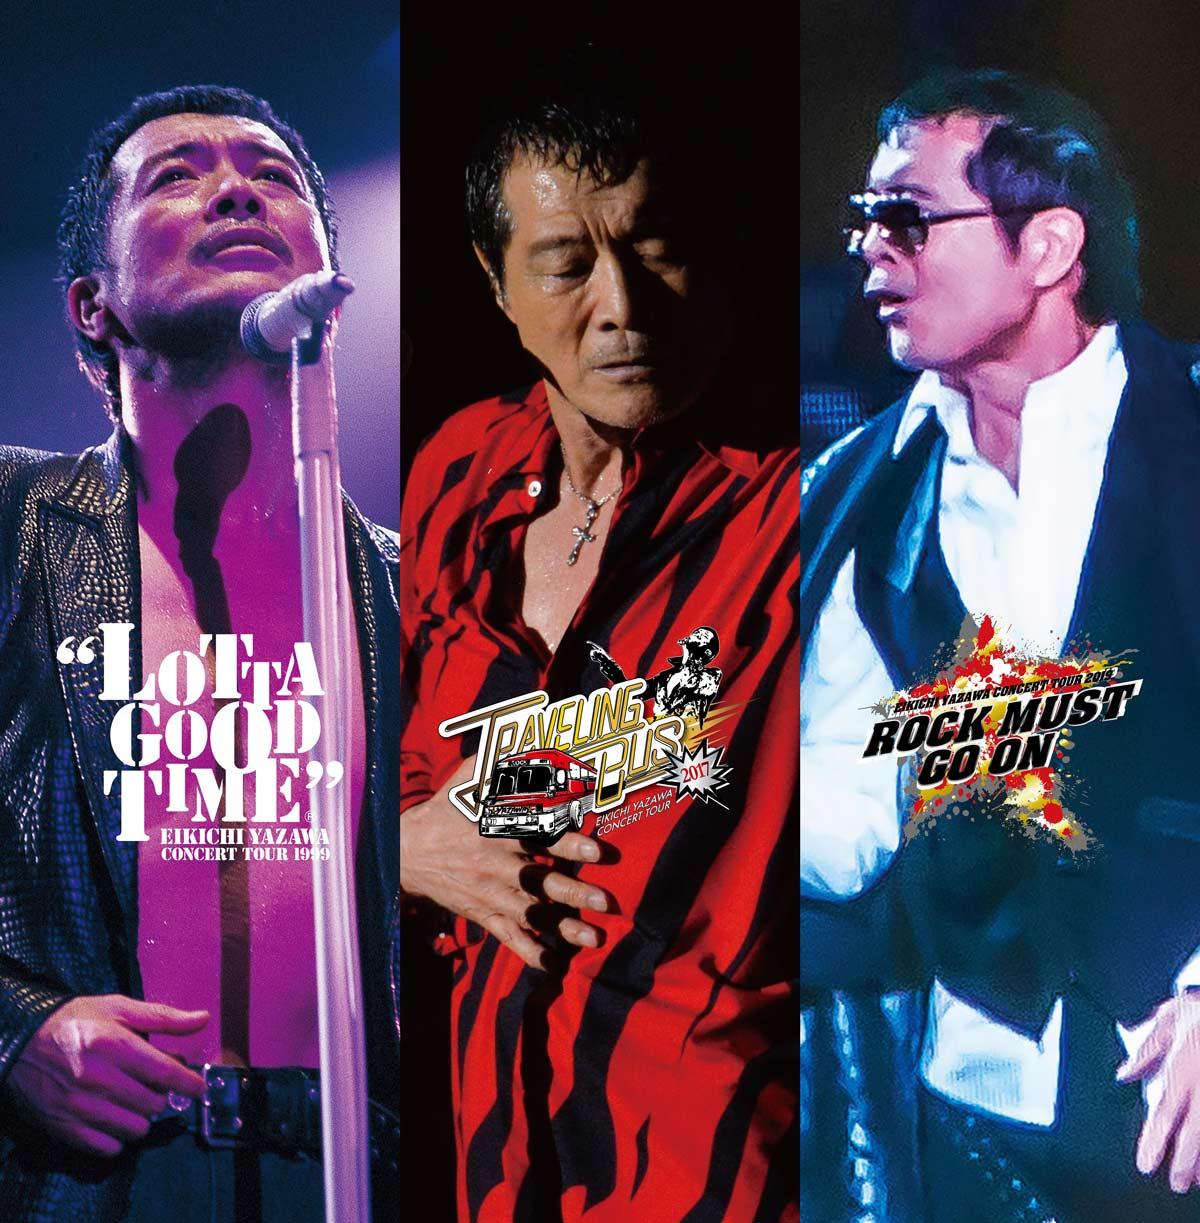 タオルの用意はいいか!矢沢永吉ライヴ映像3本がBD&DVDでリリース決定